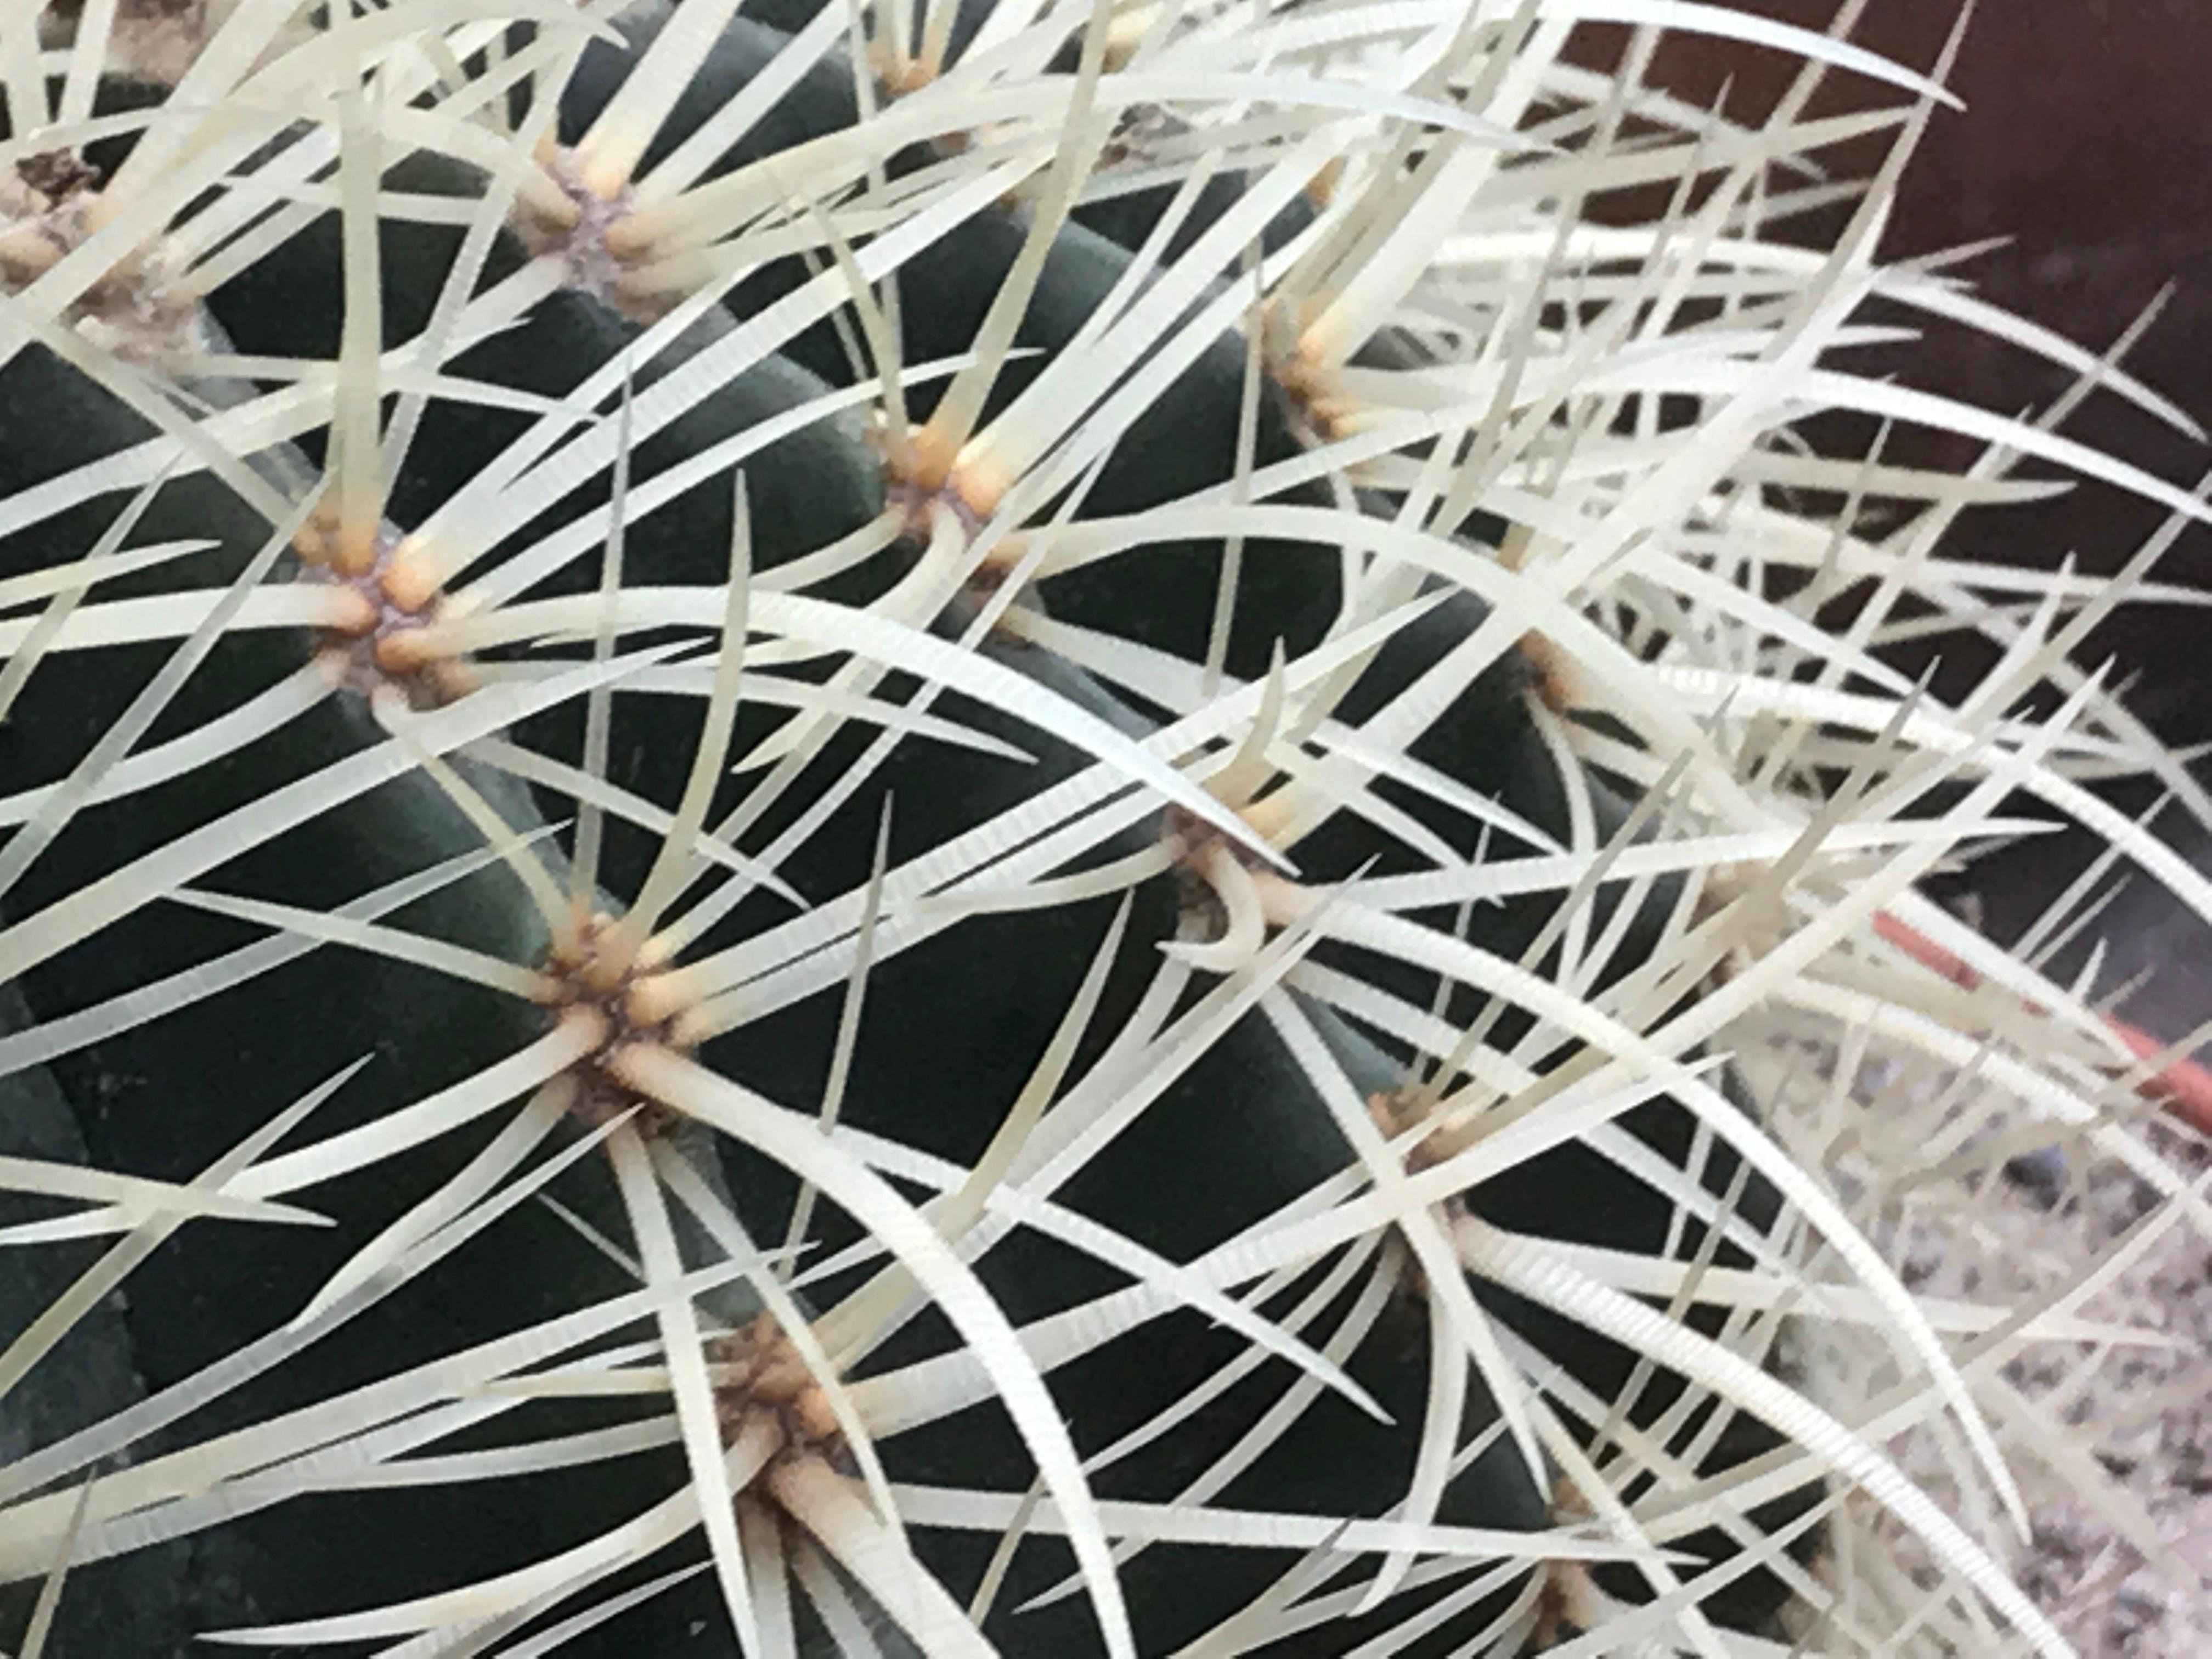 Närbild på kaktustaggar